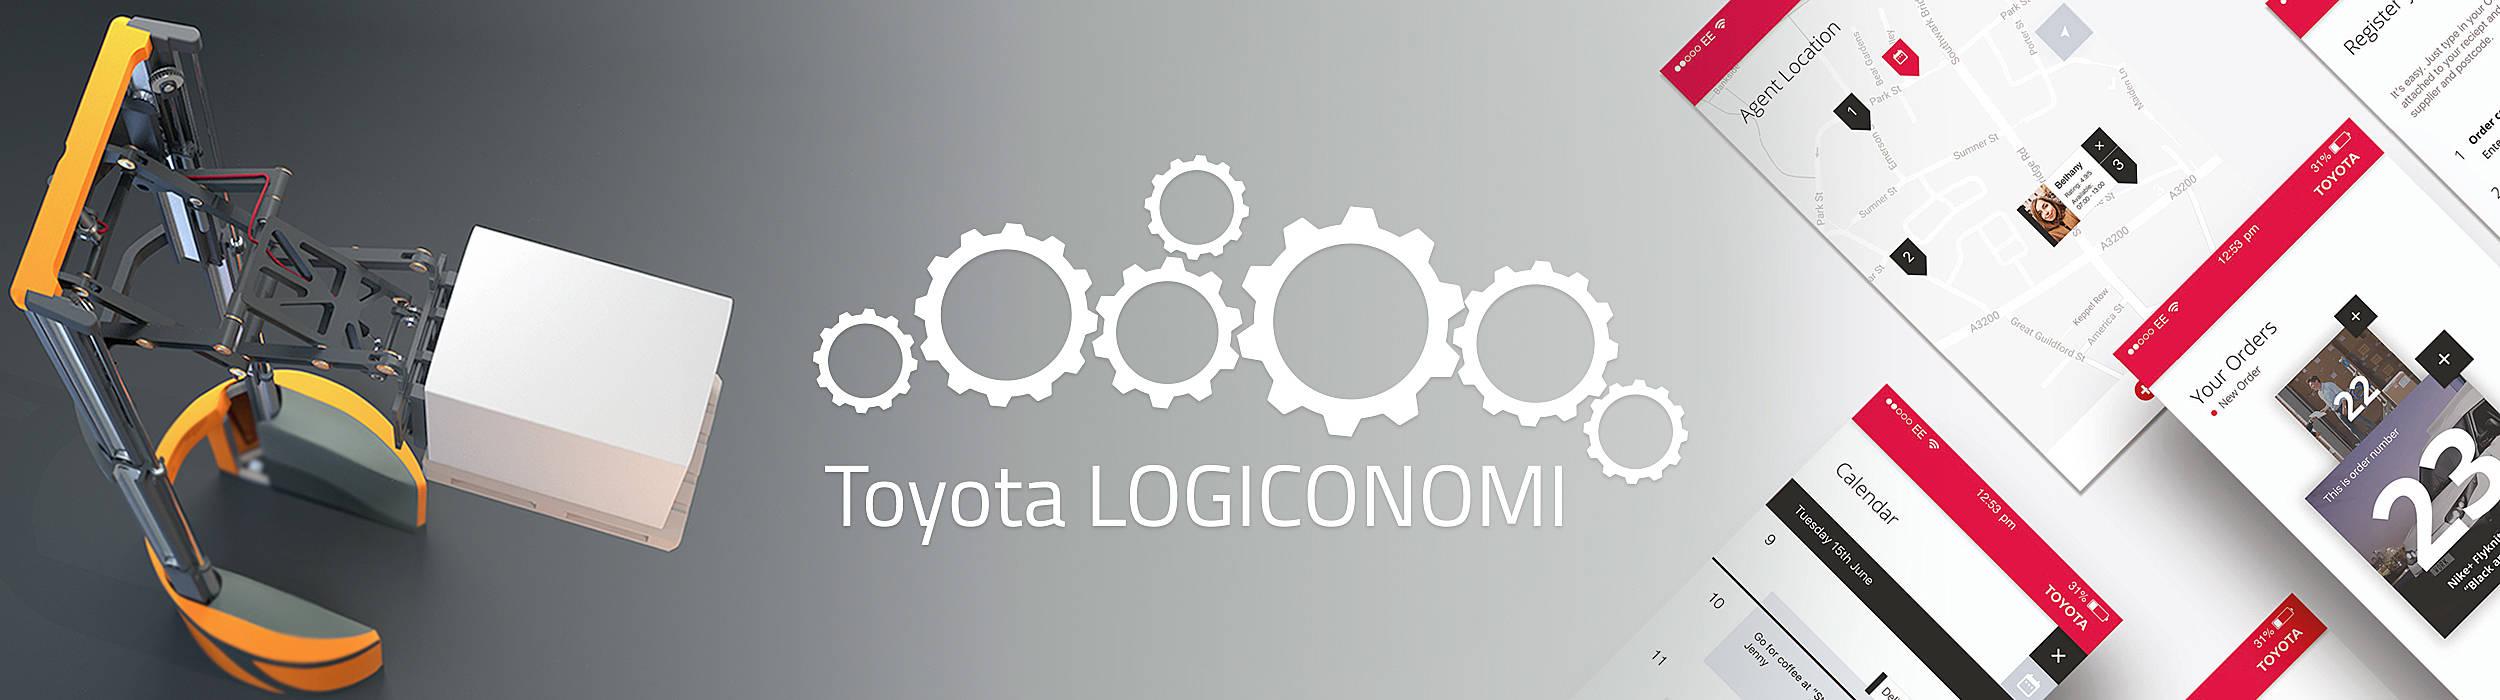 Ganadores del concepto de ingeniería y diseño logístico de Toyota